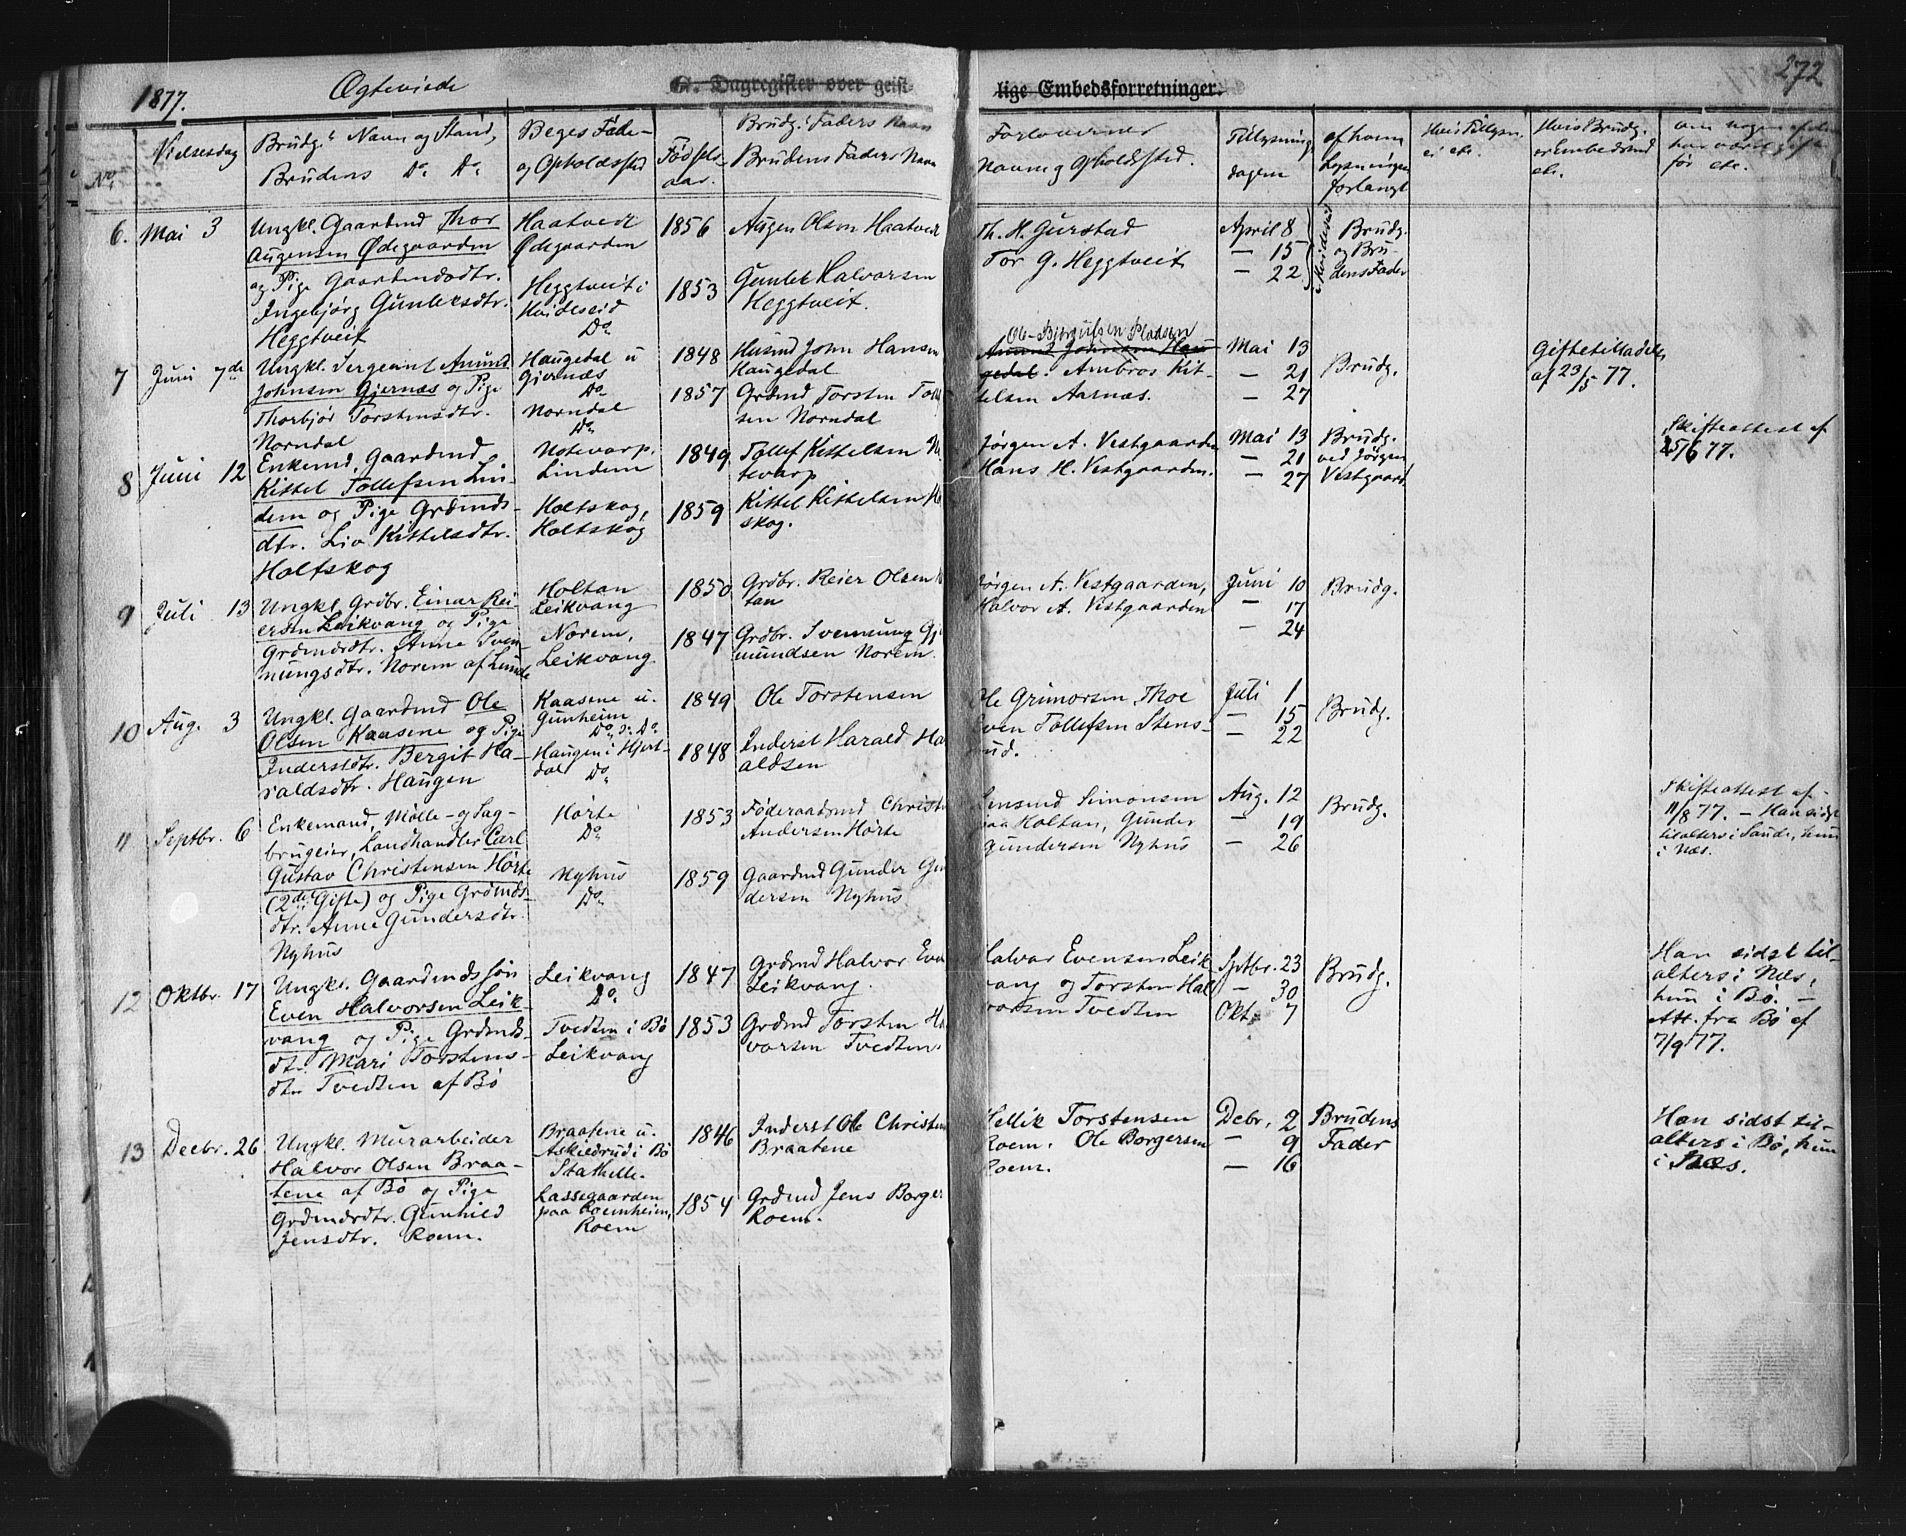 SAKO, Sauherad kirkebøker, F/Fb/L0001: Ministerialbok nr. II 1, 1851-1877, s. 272